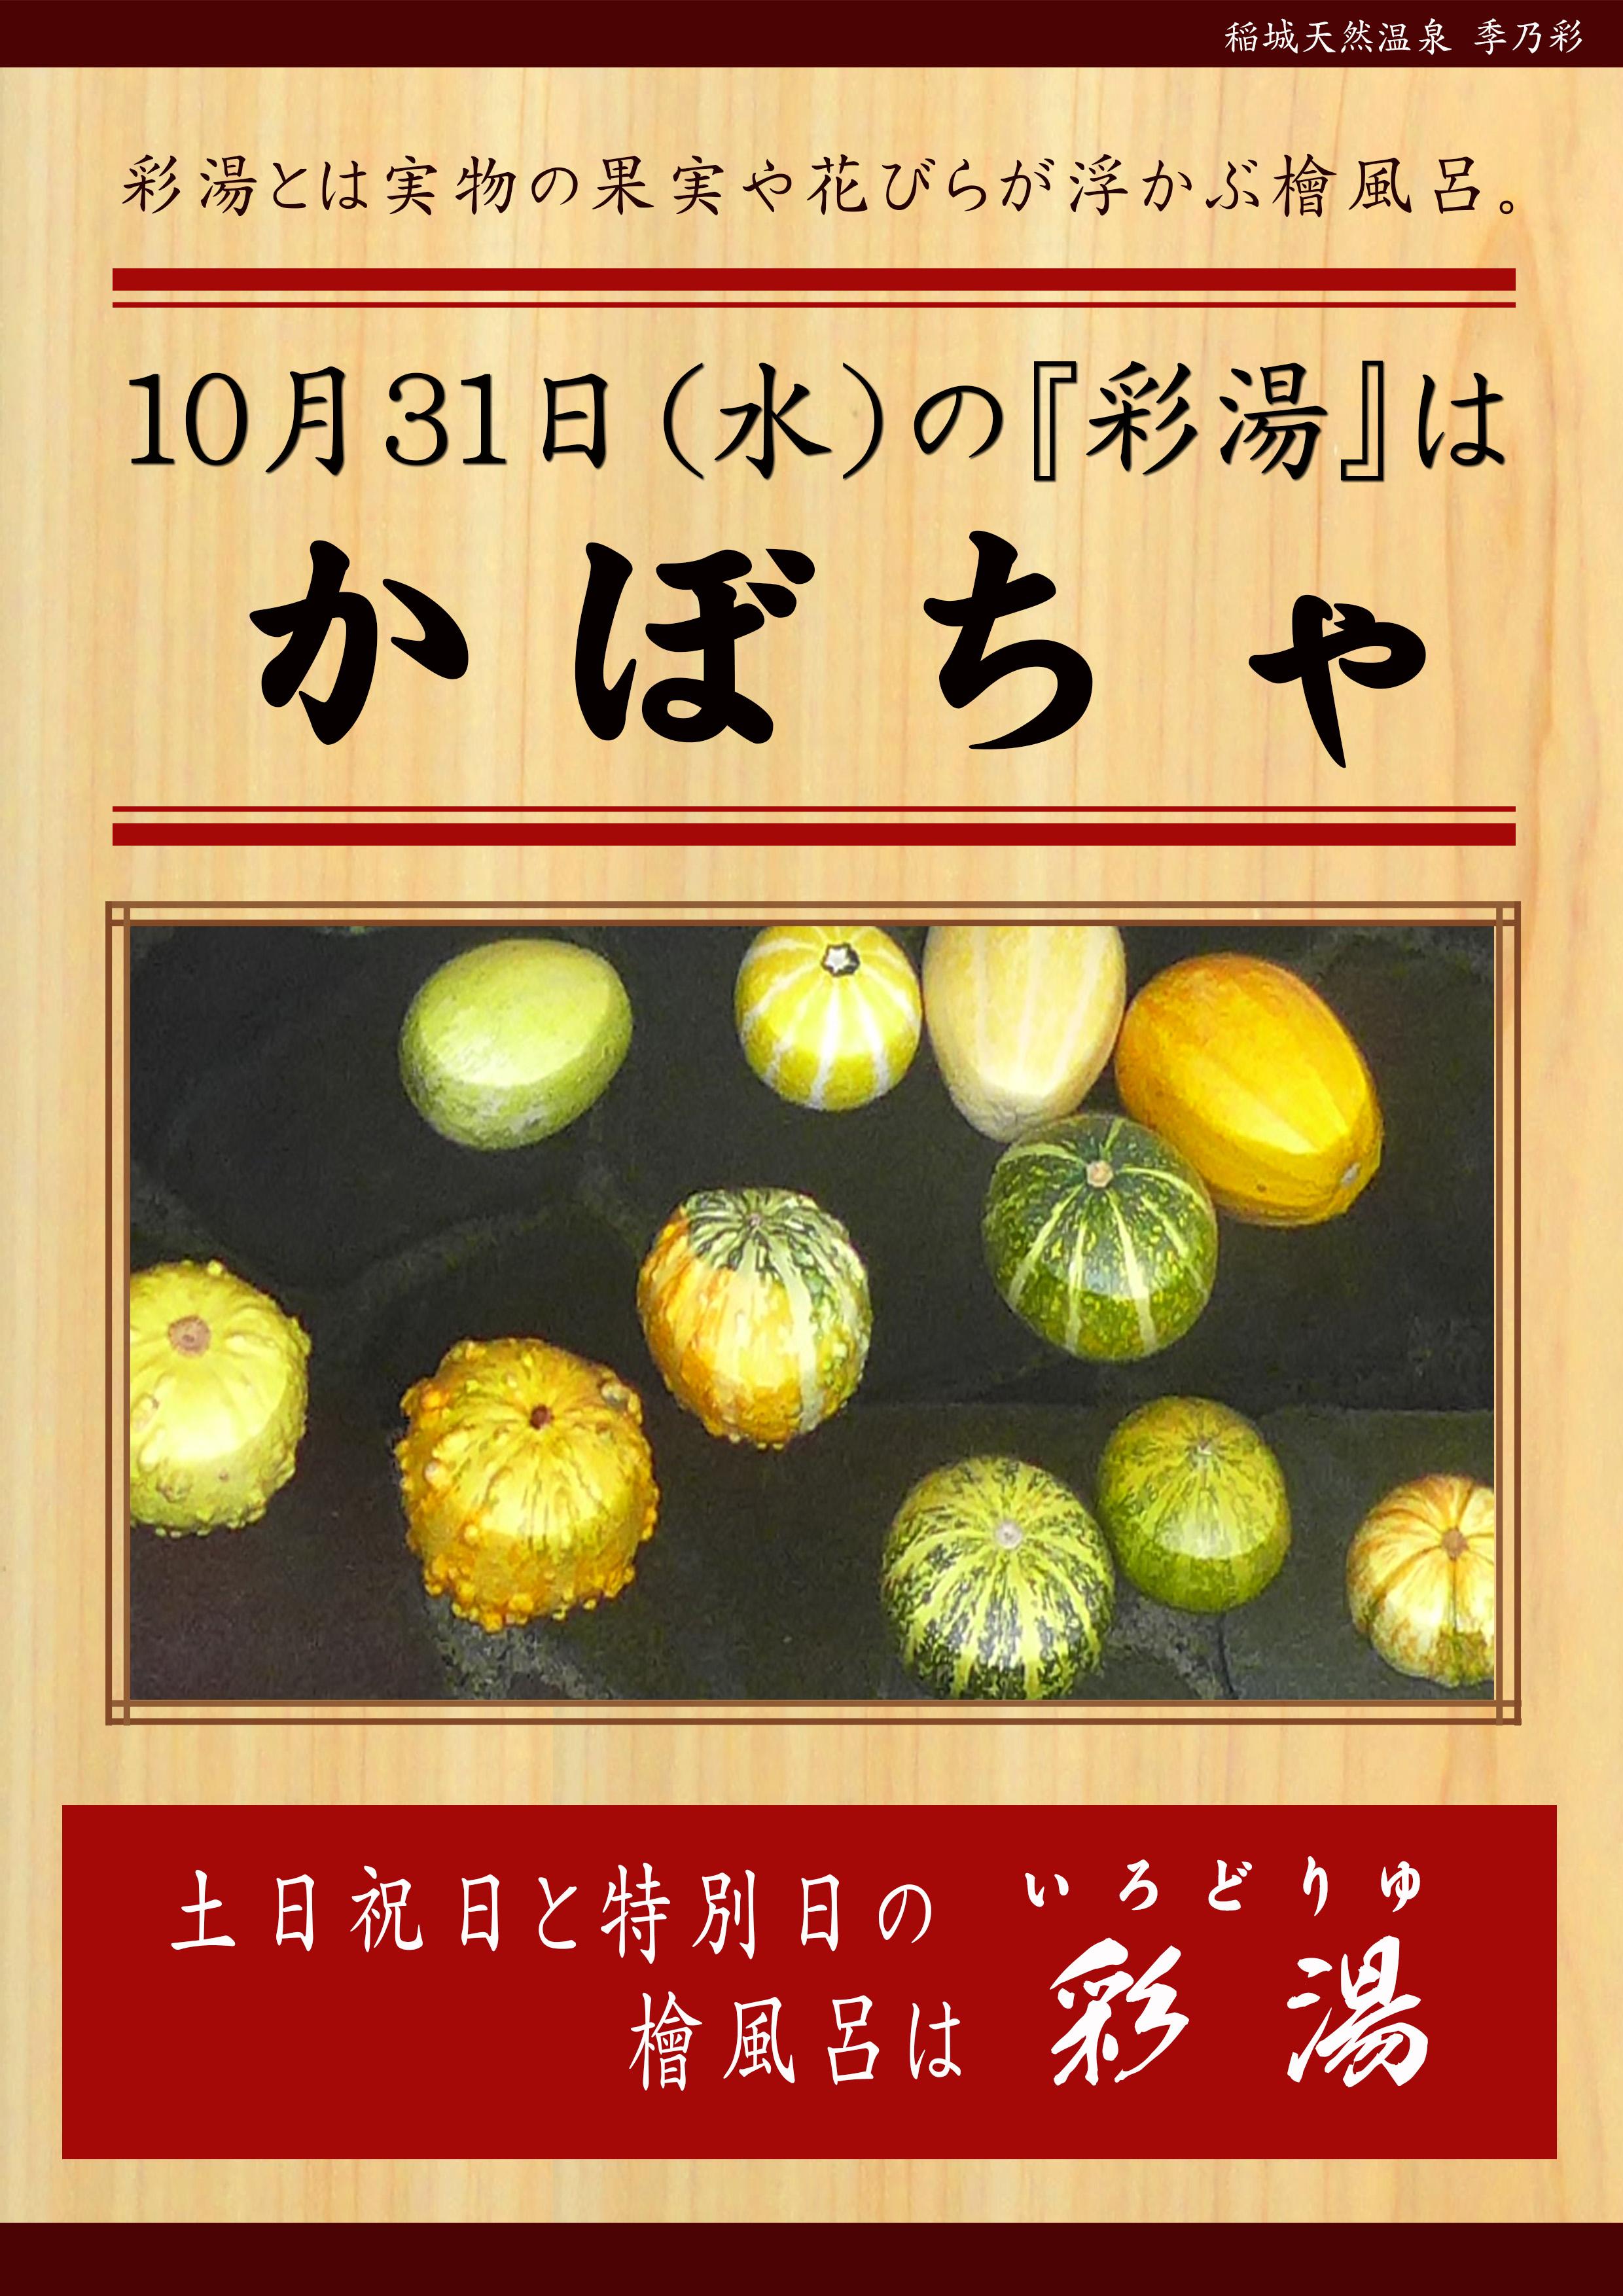 20181031POP イベント 彩湯 カラーカボチャ